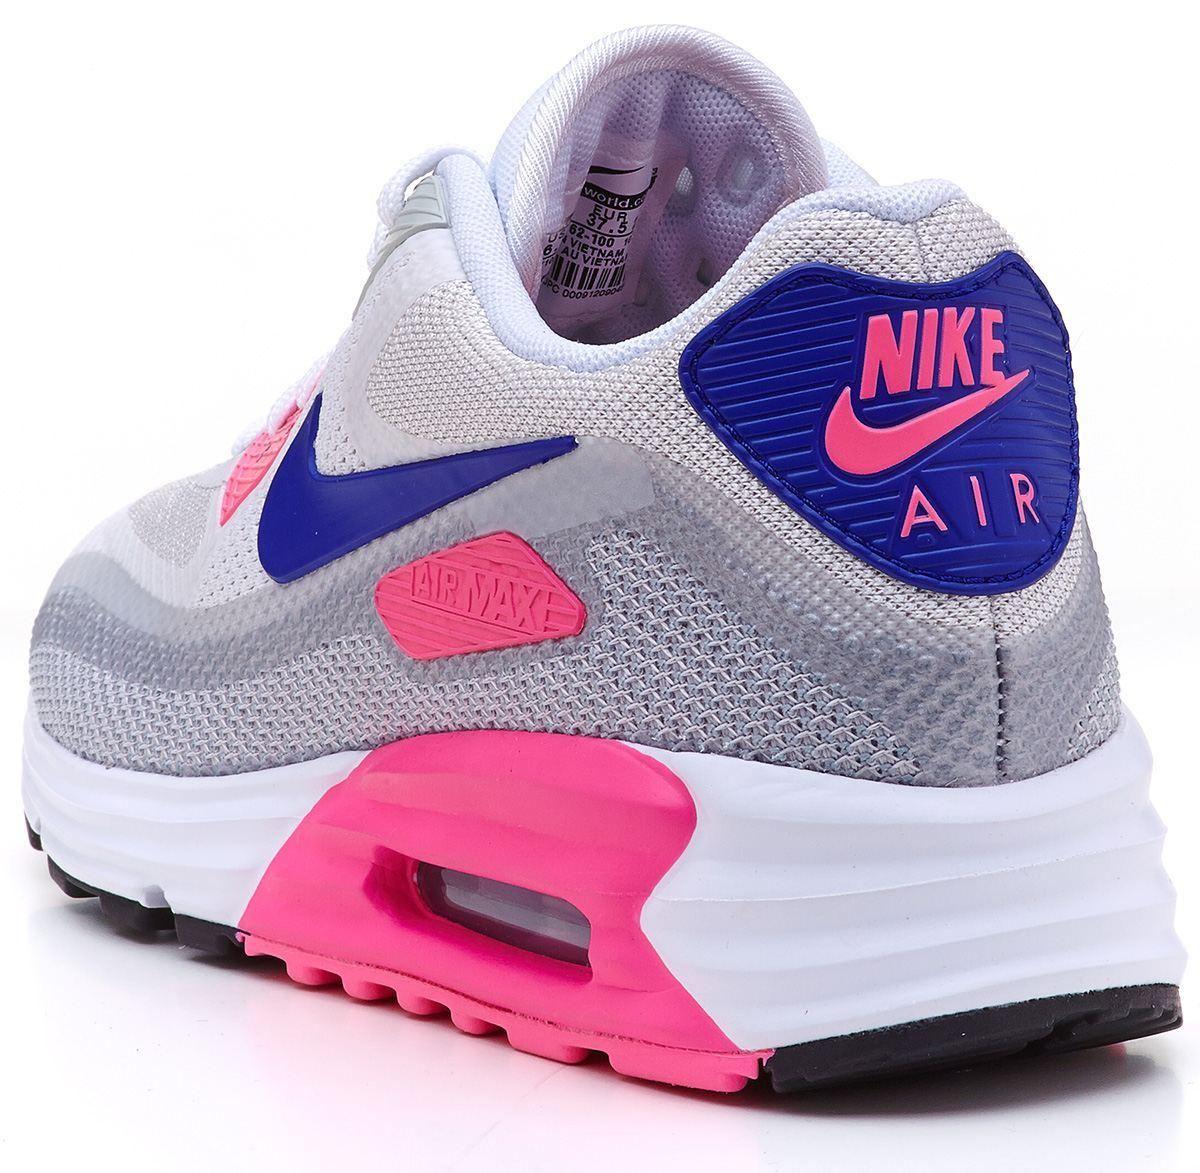 nike air max women size 9